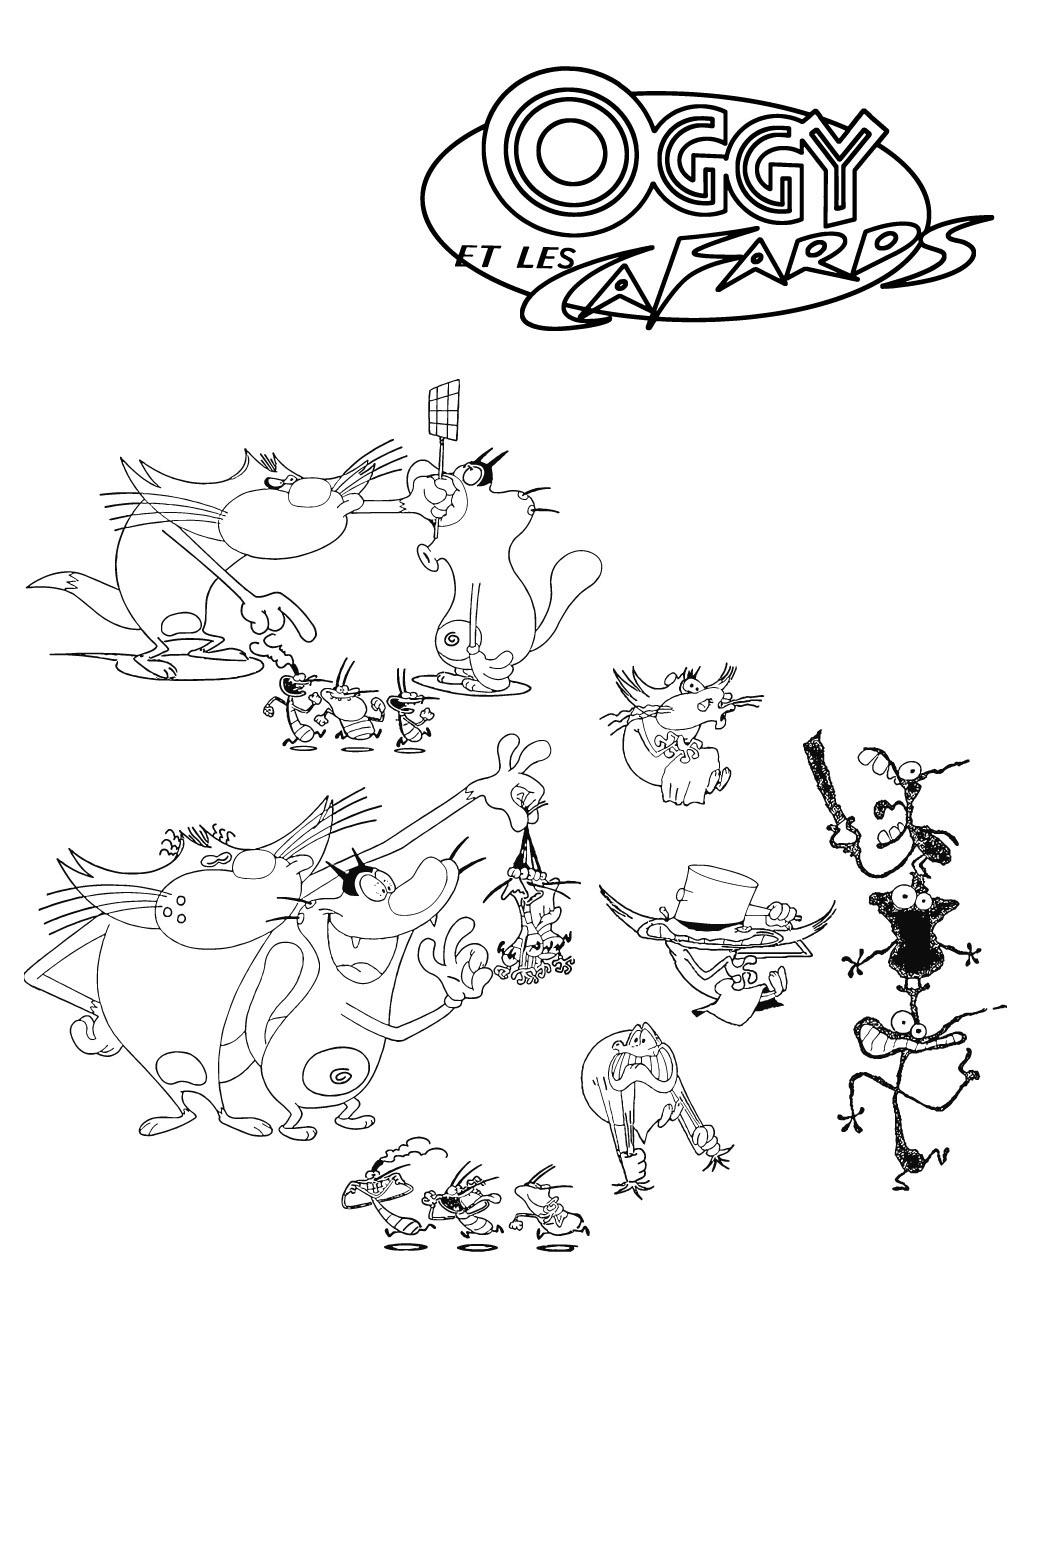 Coloriage Oggy Et Les Cafards Coloriages Pour Enfants